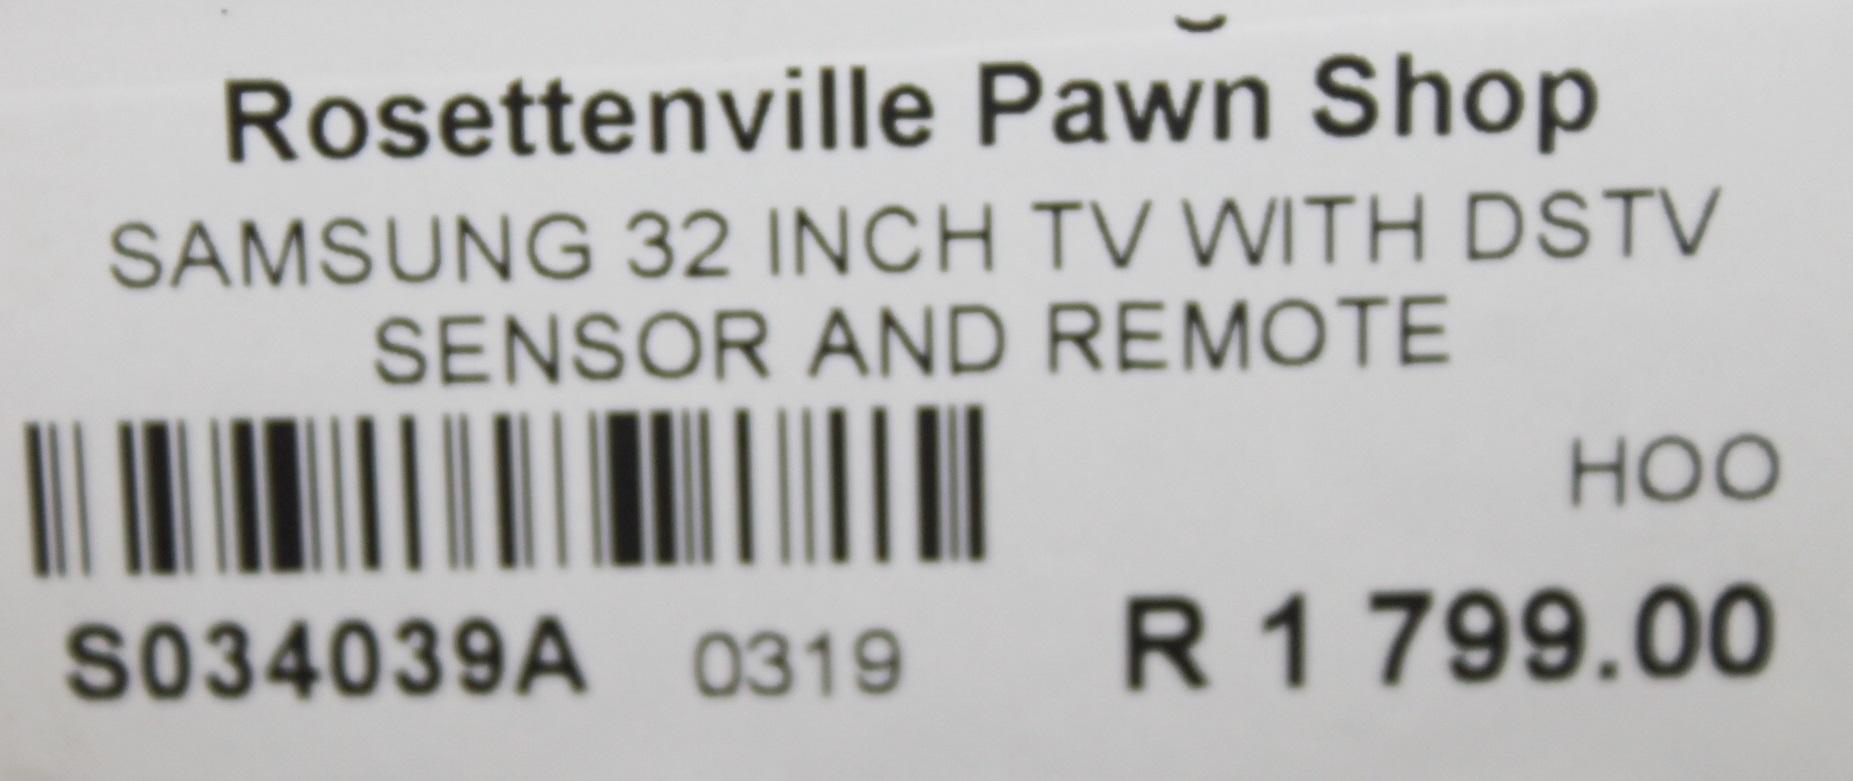 """Samsung 32"""" TV S034039A #Rosettenvillepawnshop"""